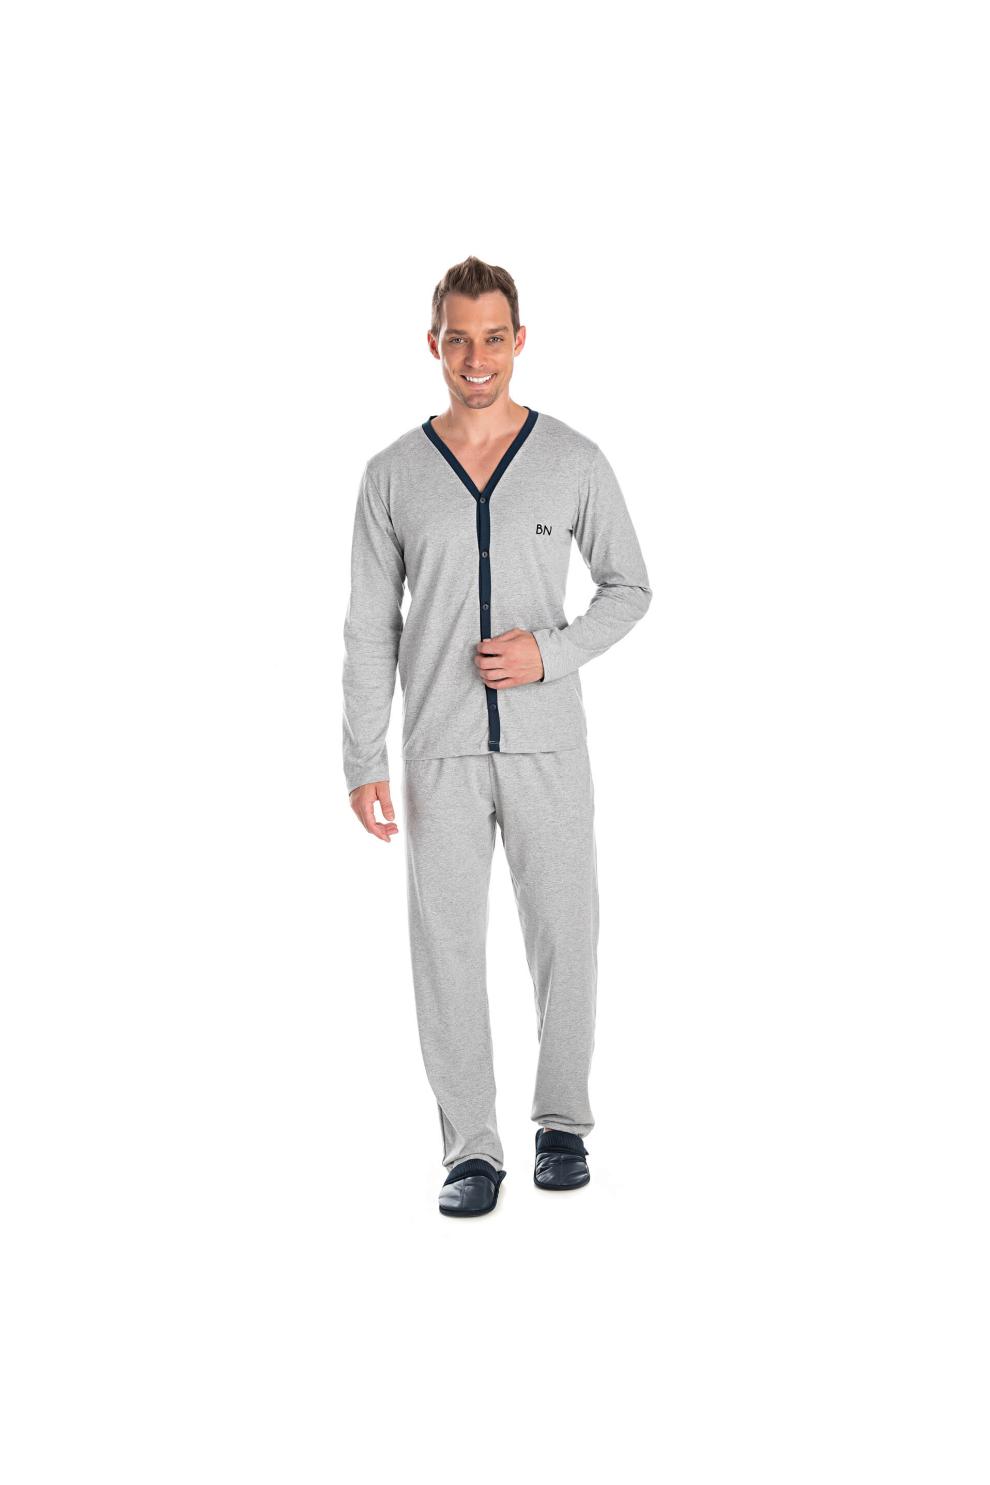 220/A - Pijama Adulto Masculino Aberto